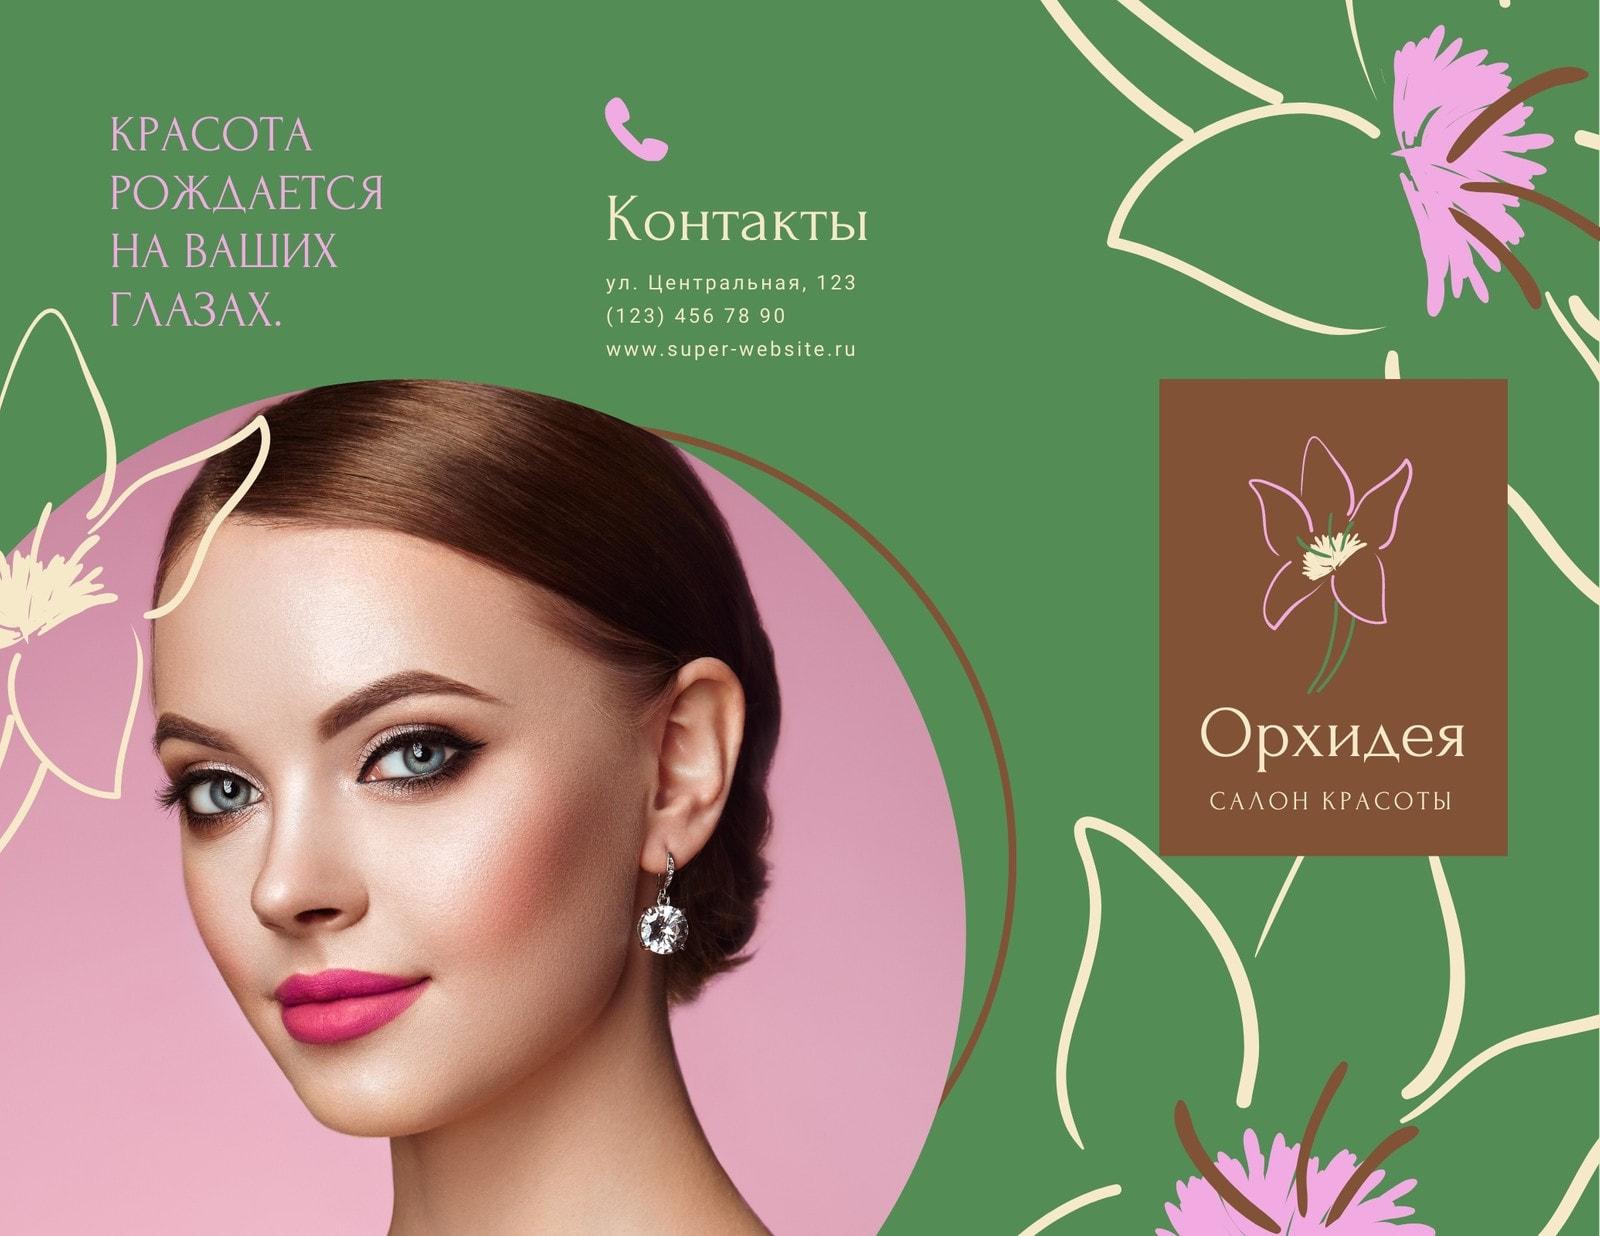 Зеленая, розовая и коричневая брошюра с прайс-листом салона красоты